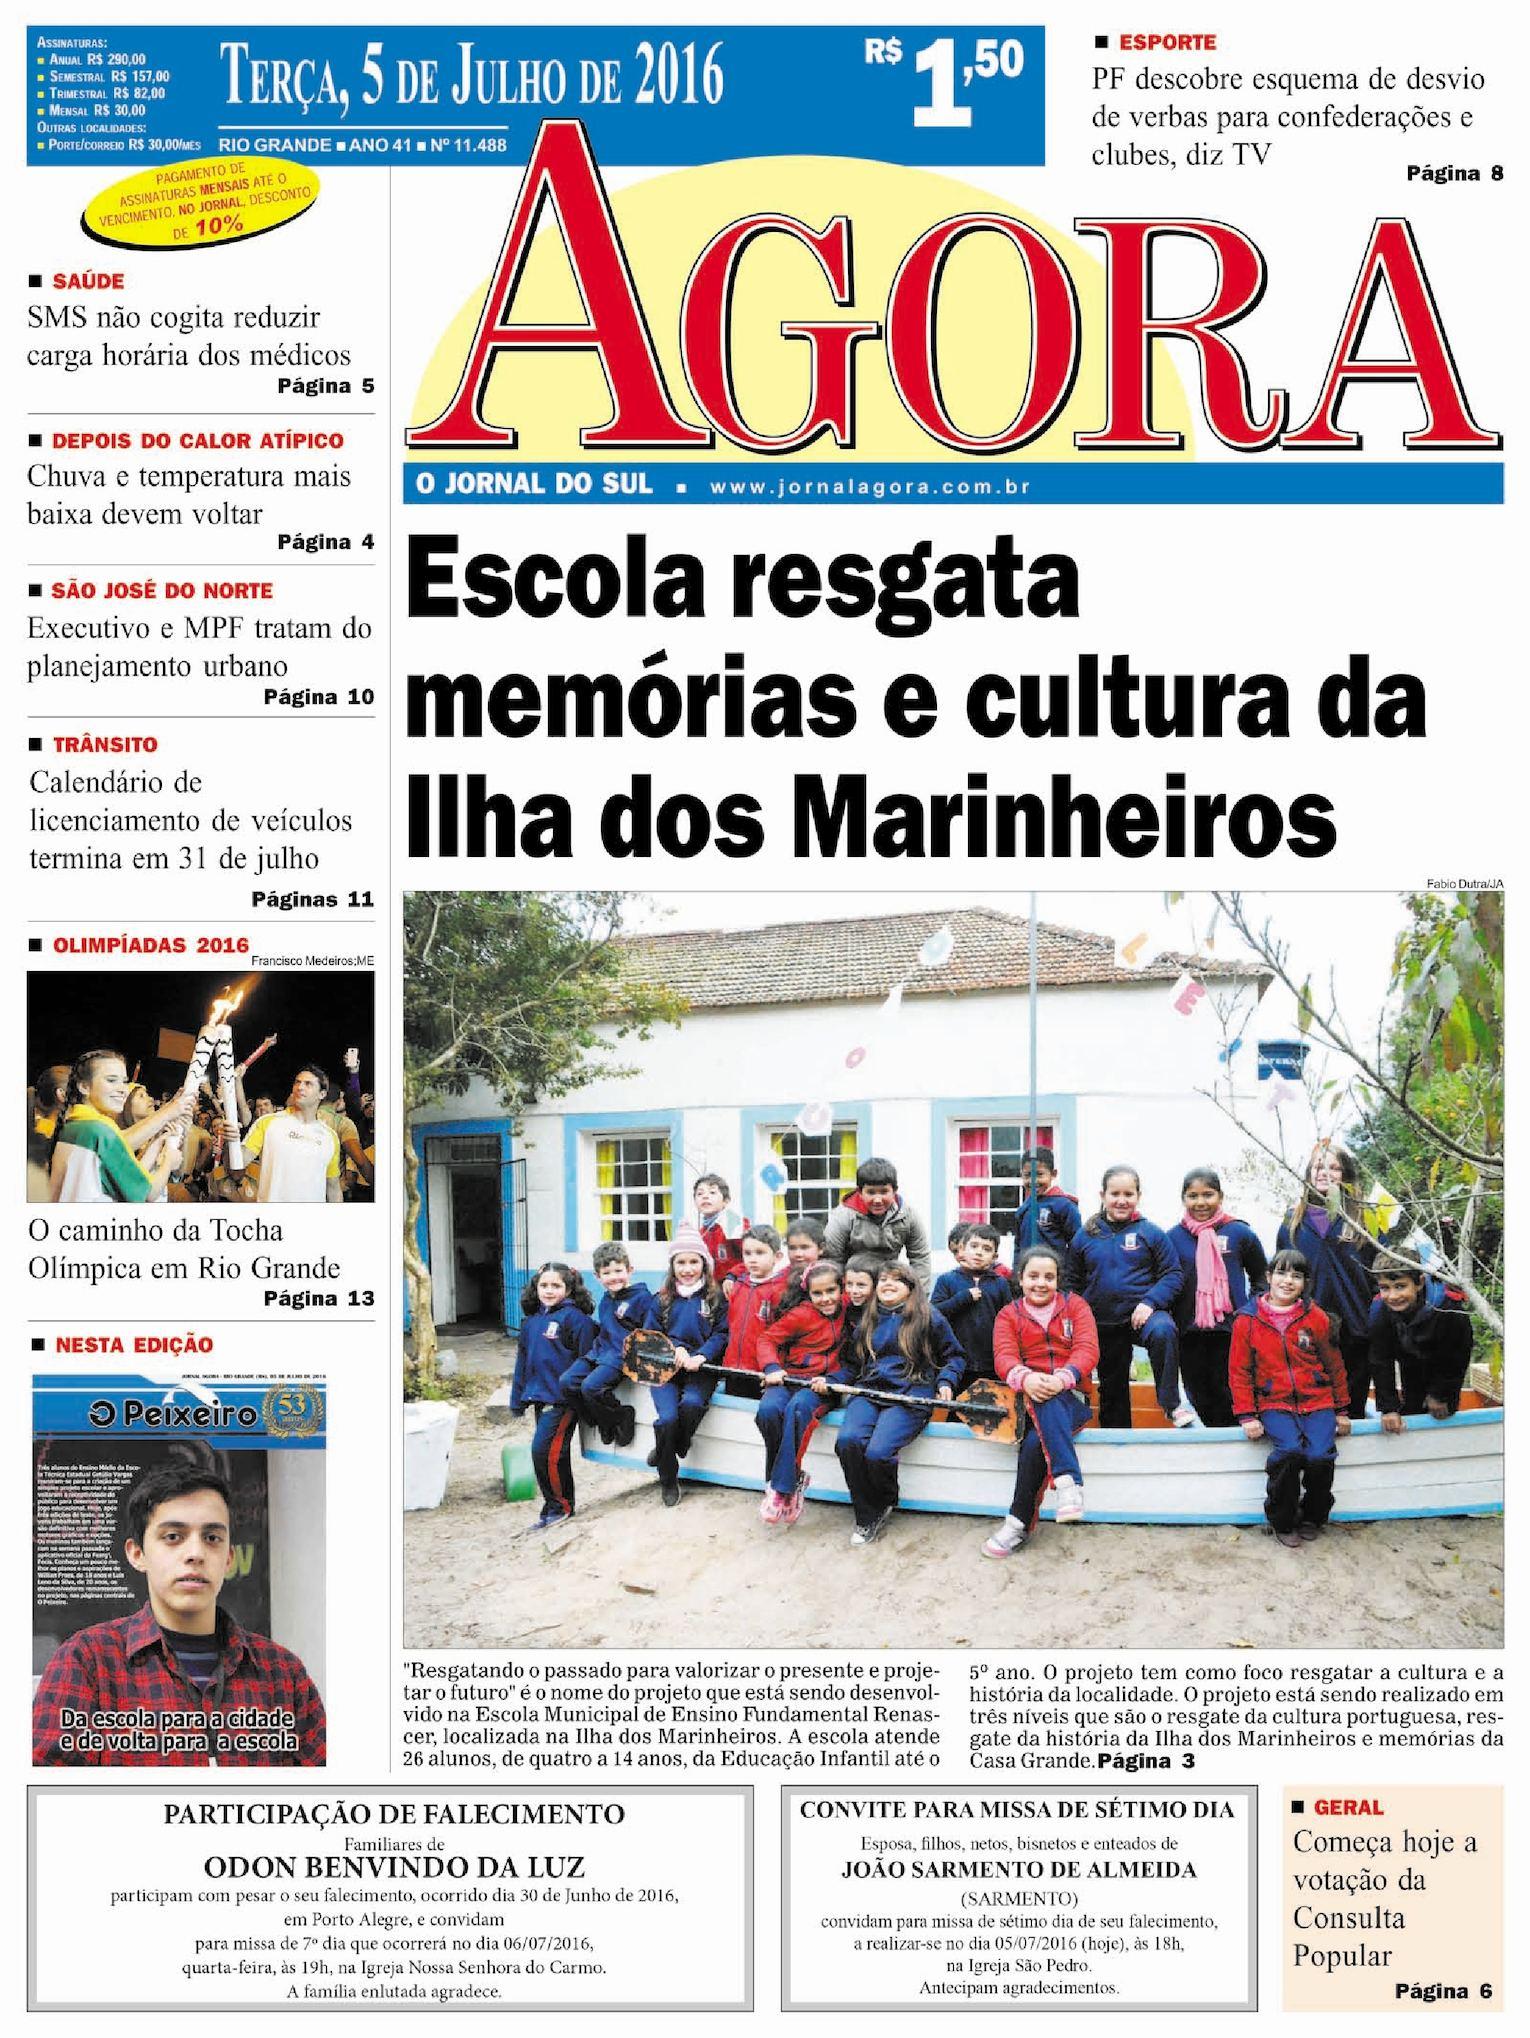 Calaméo - Jornal Agora - Edição 11488 - 5 de Julho de 2016 416d6bdf64e3a